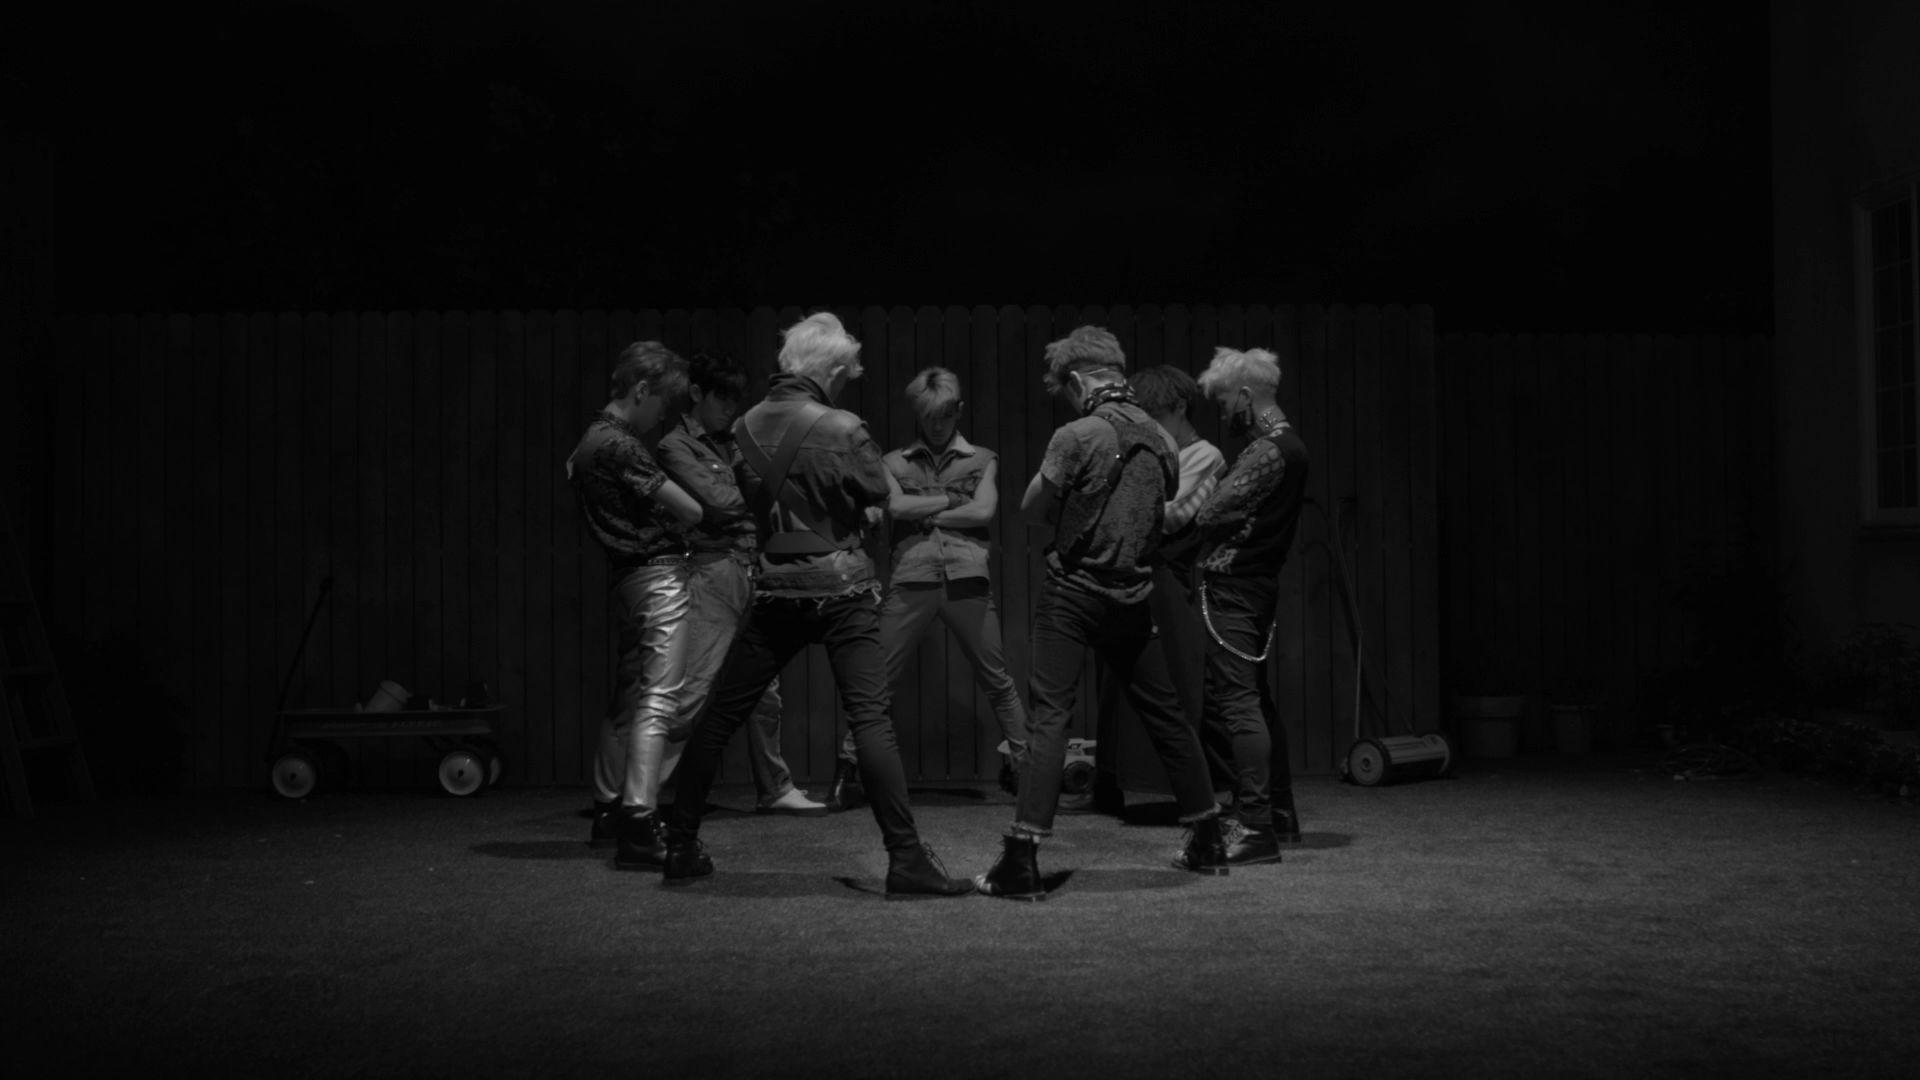 NCT 127_소방차 (Fire Truck)_Music Video Teaser